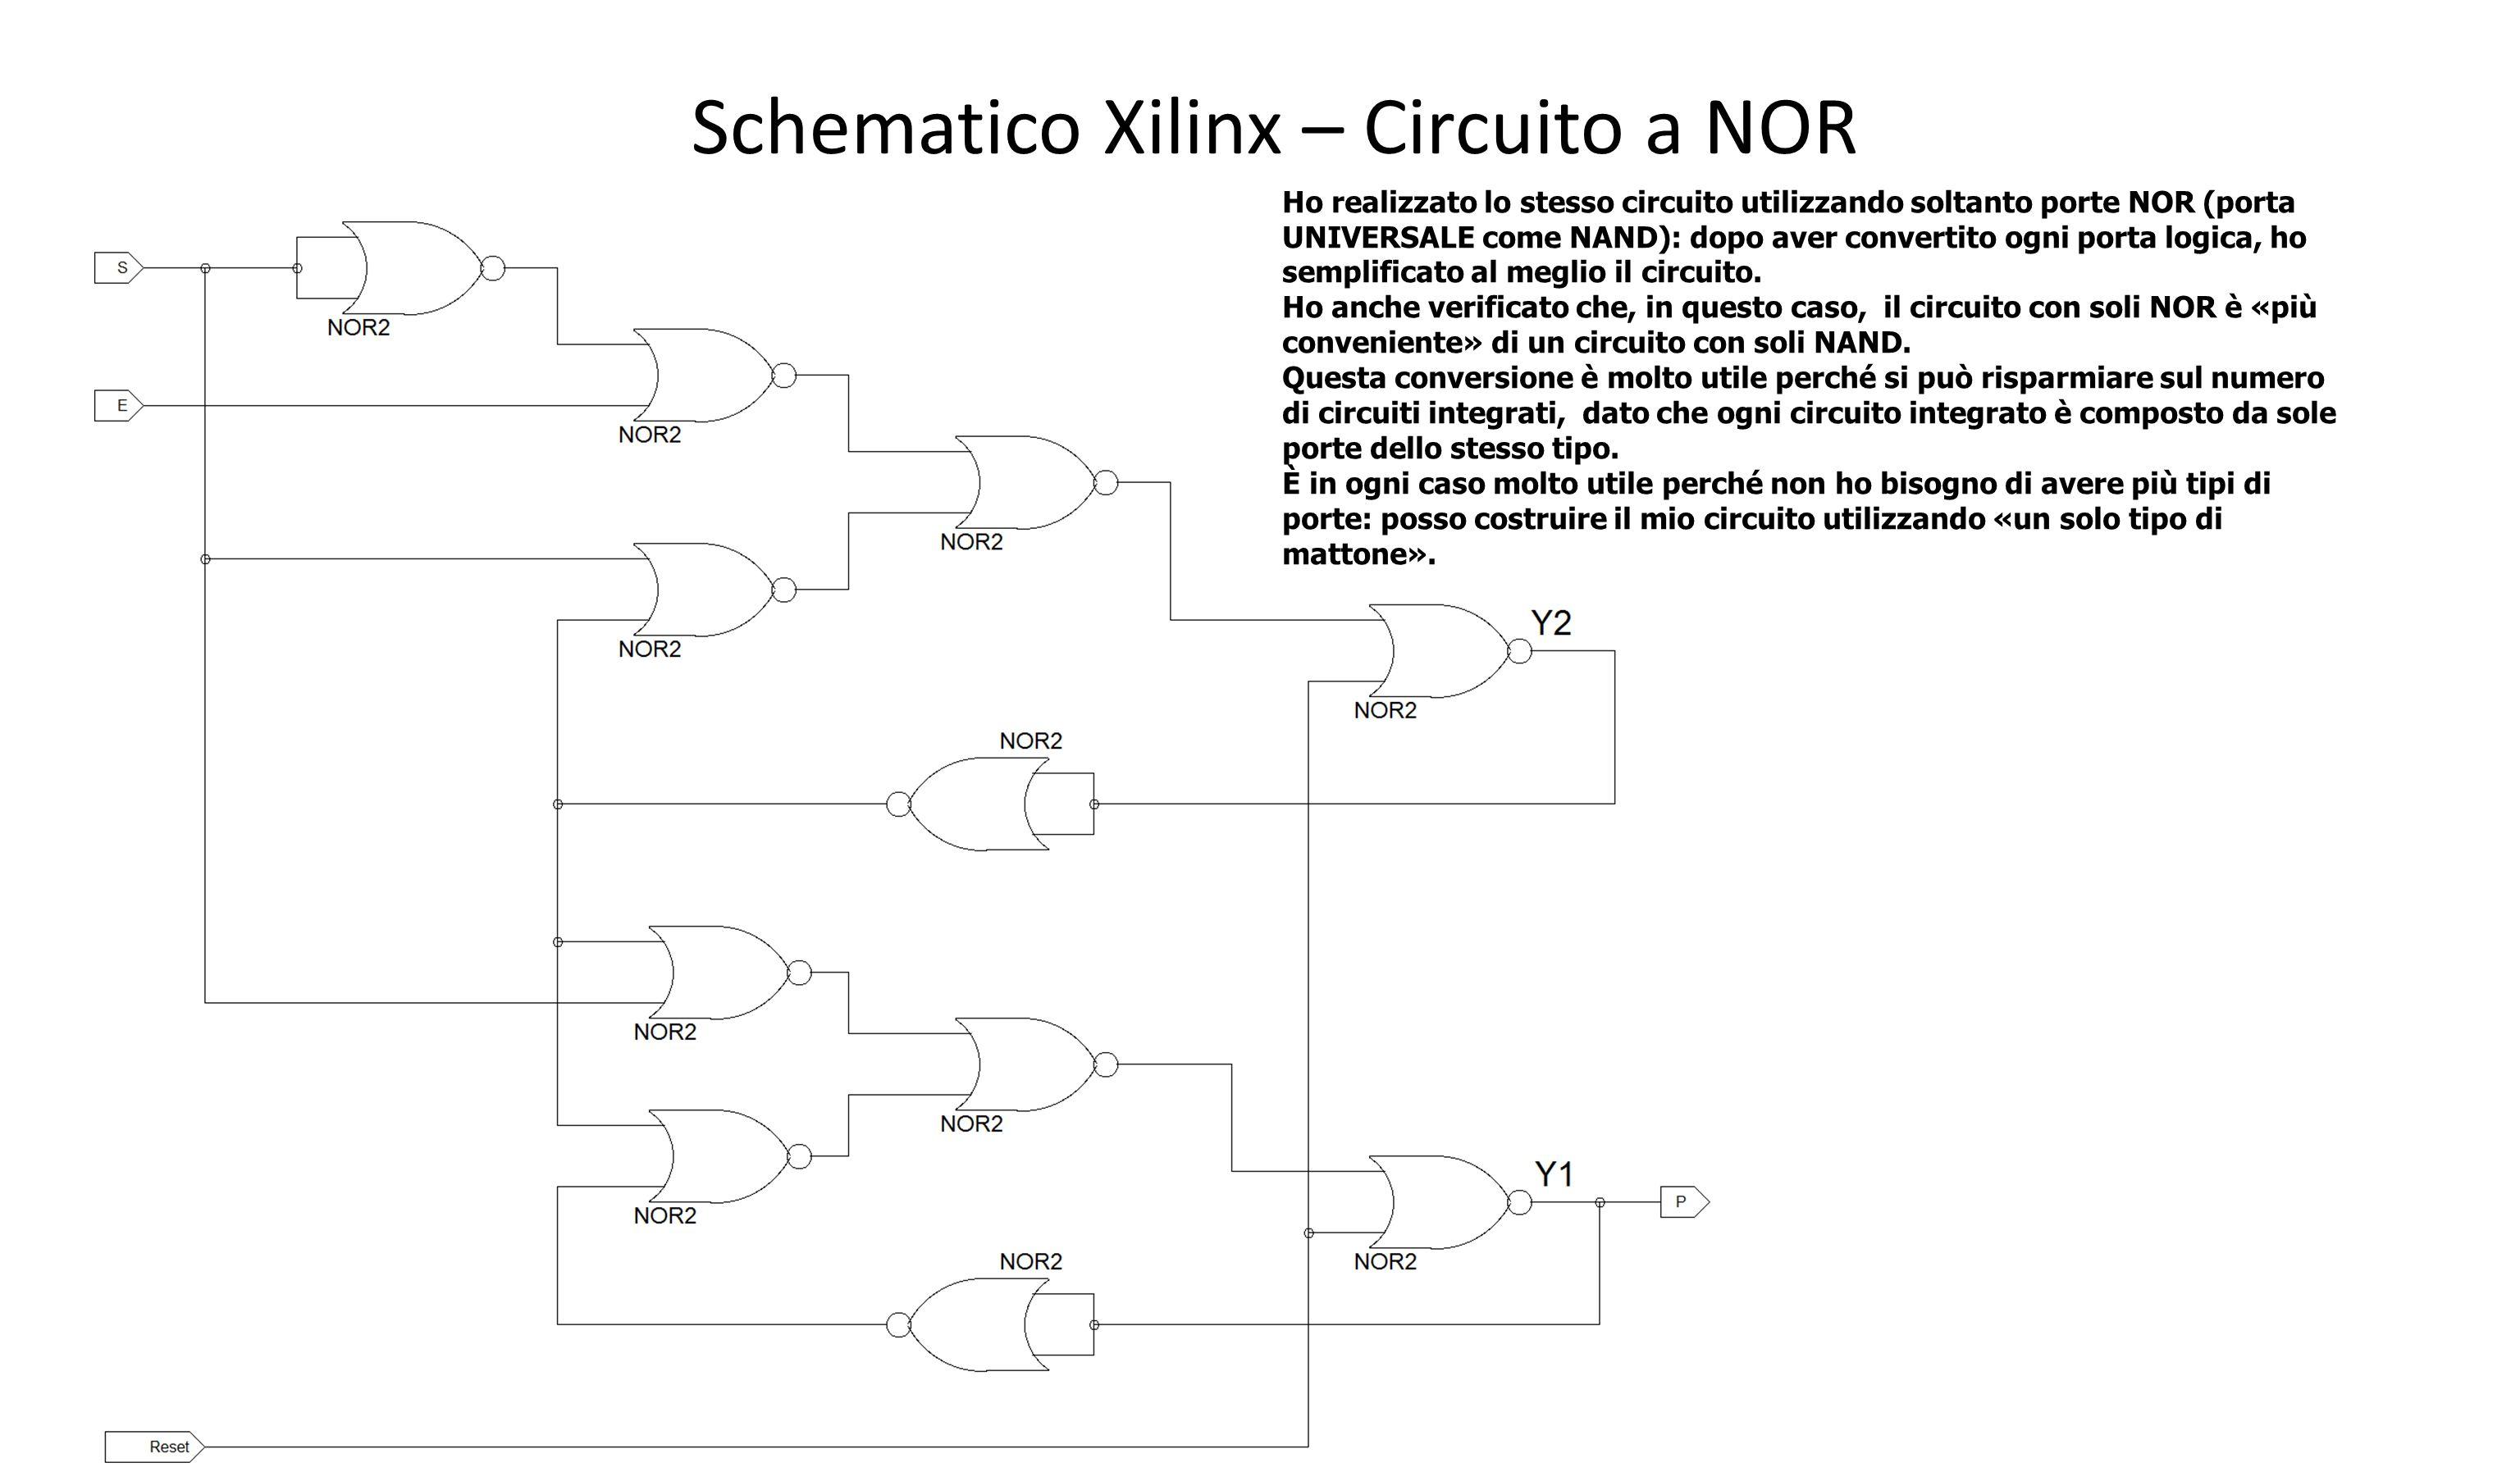 Schematico Xilinx – Circuito a NOR Ho realizzato lo stesso circuito utilizzando soltanto porte NOR (porta UNIVERSALE come NAND): dopo aver convertito